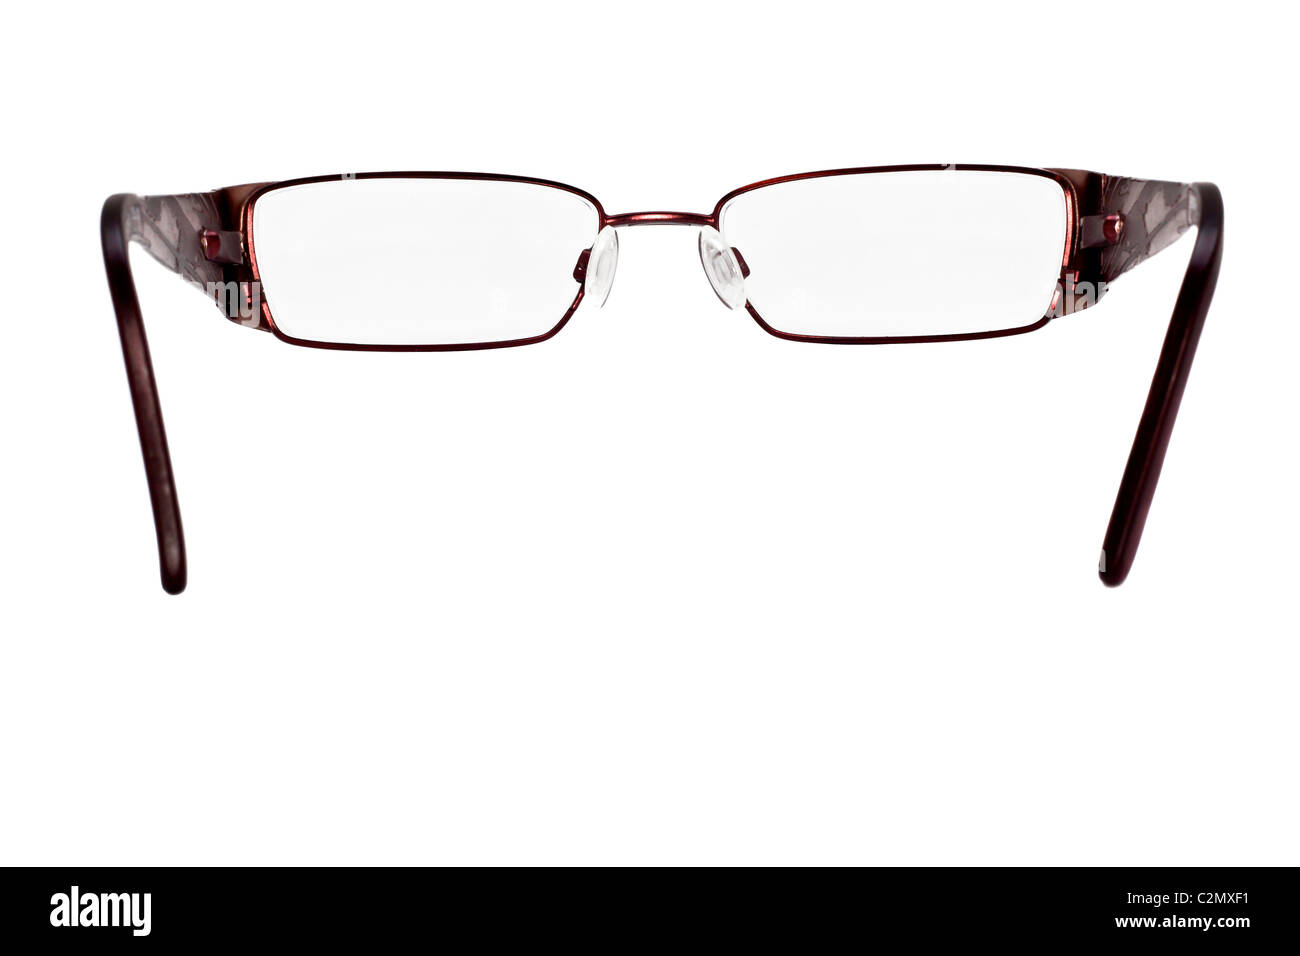 a5637b24db1667 Augengläser Stockfotos   Augengläser Bilder - Alamy